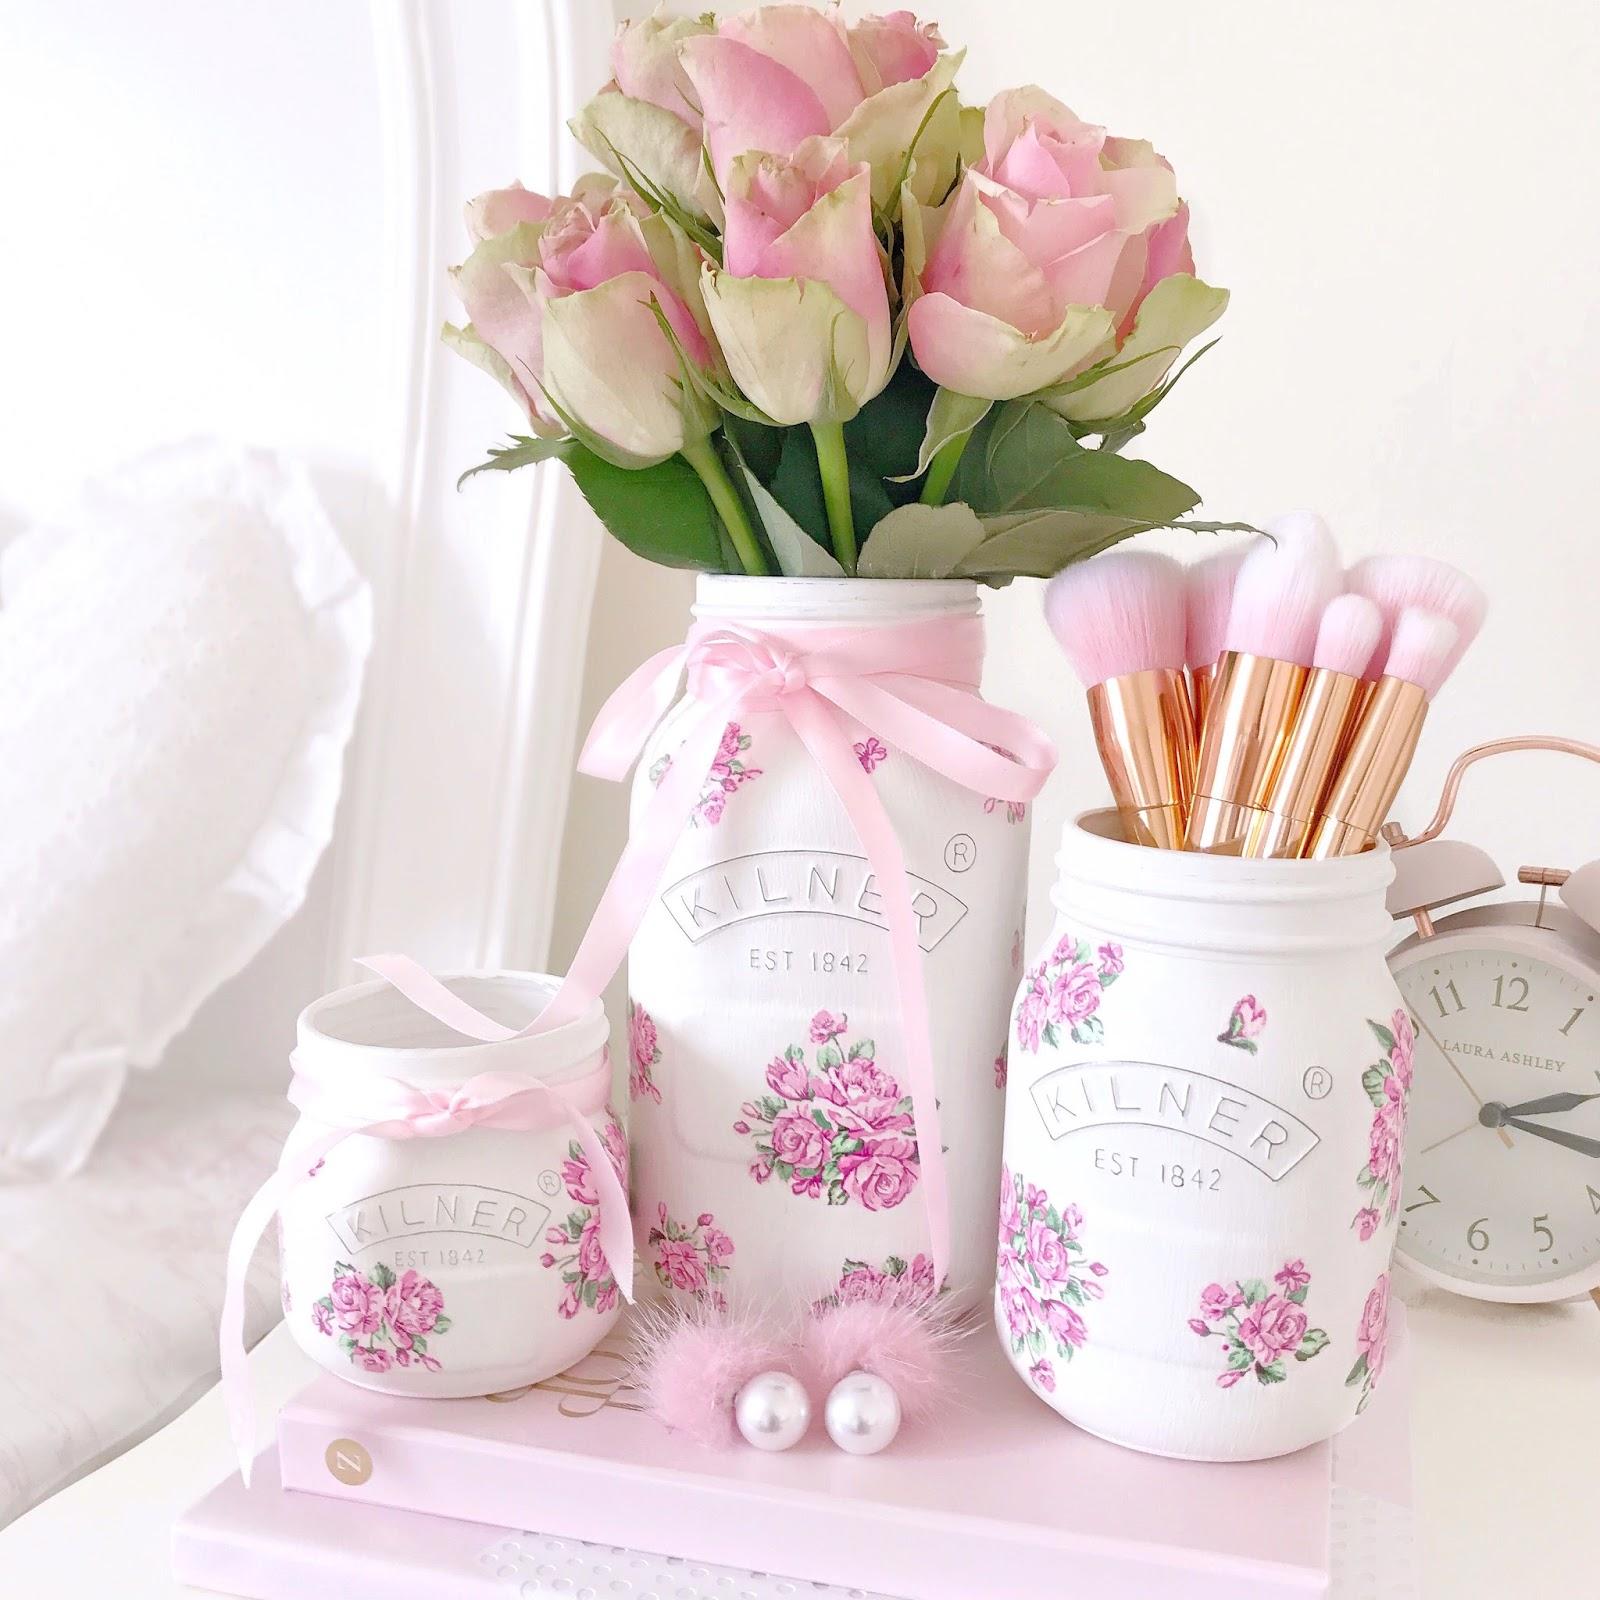 Rosebud Kilner Jars | Love, Catherine